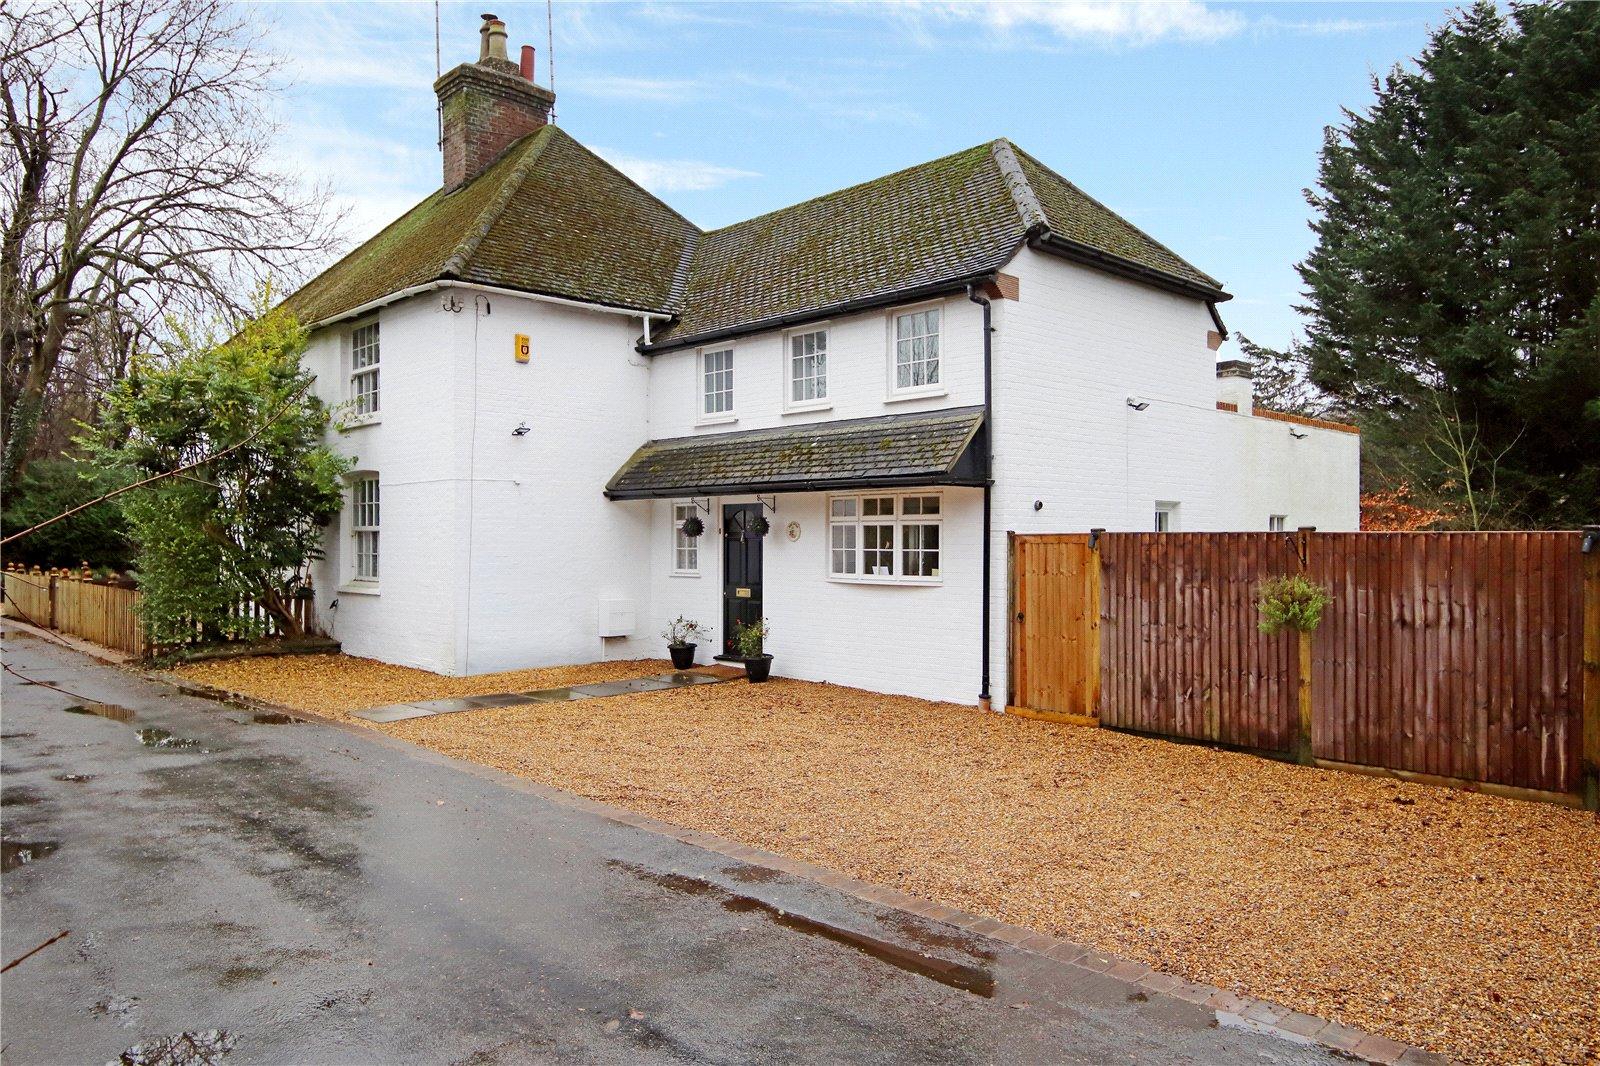 Bank Mill Lane Image